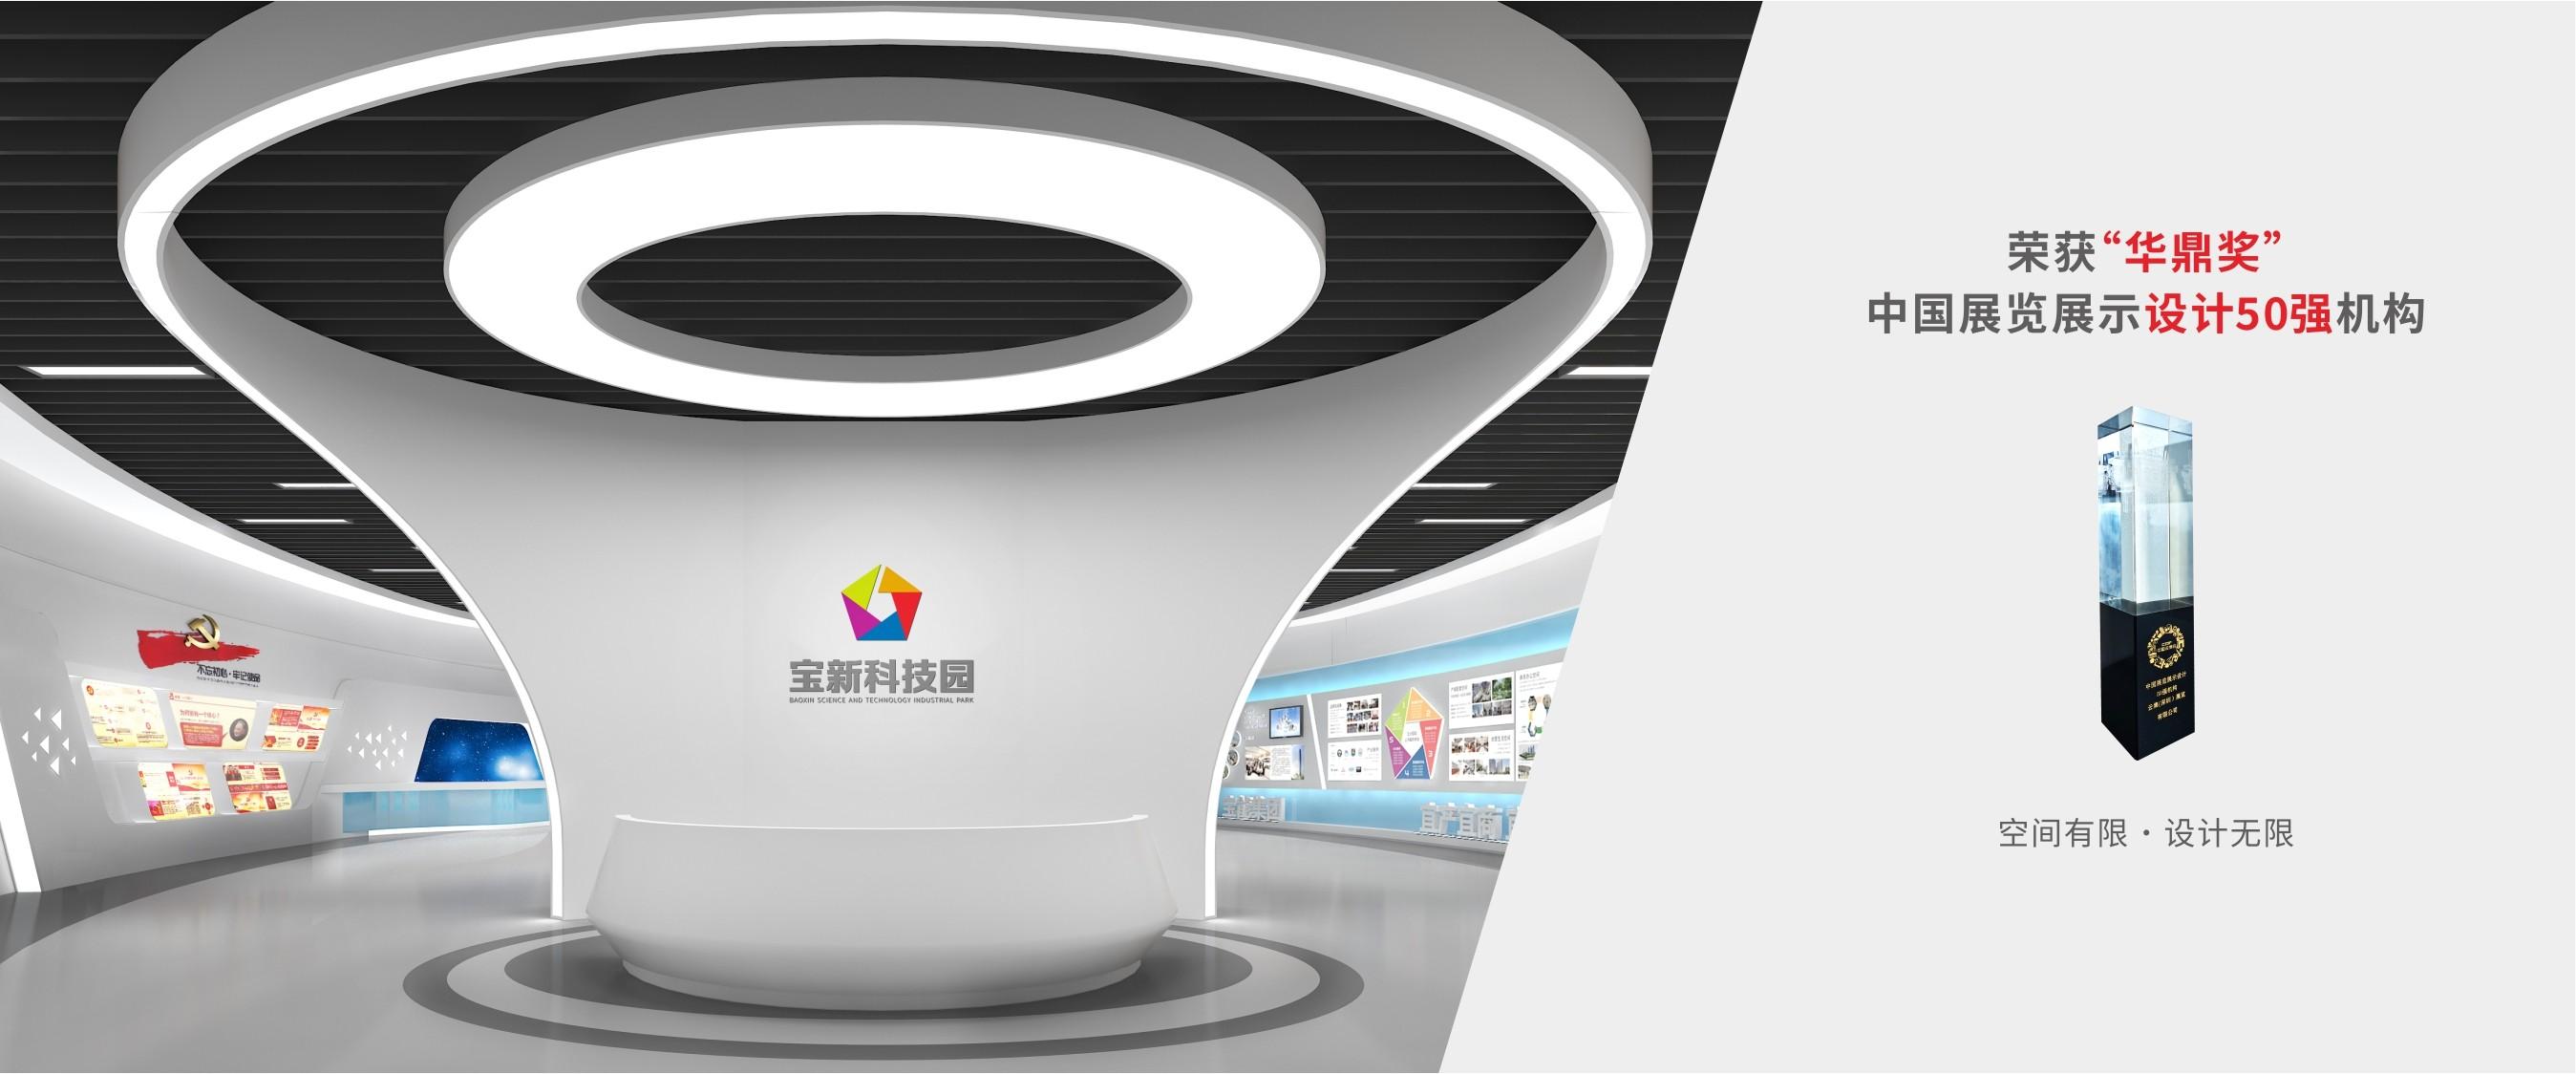 深圳展览设计公司哪家好